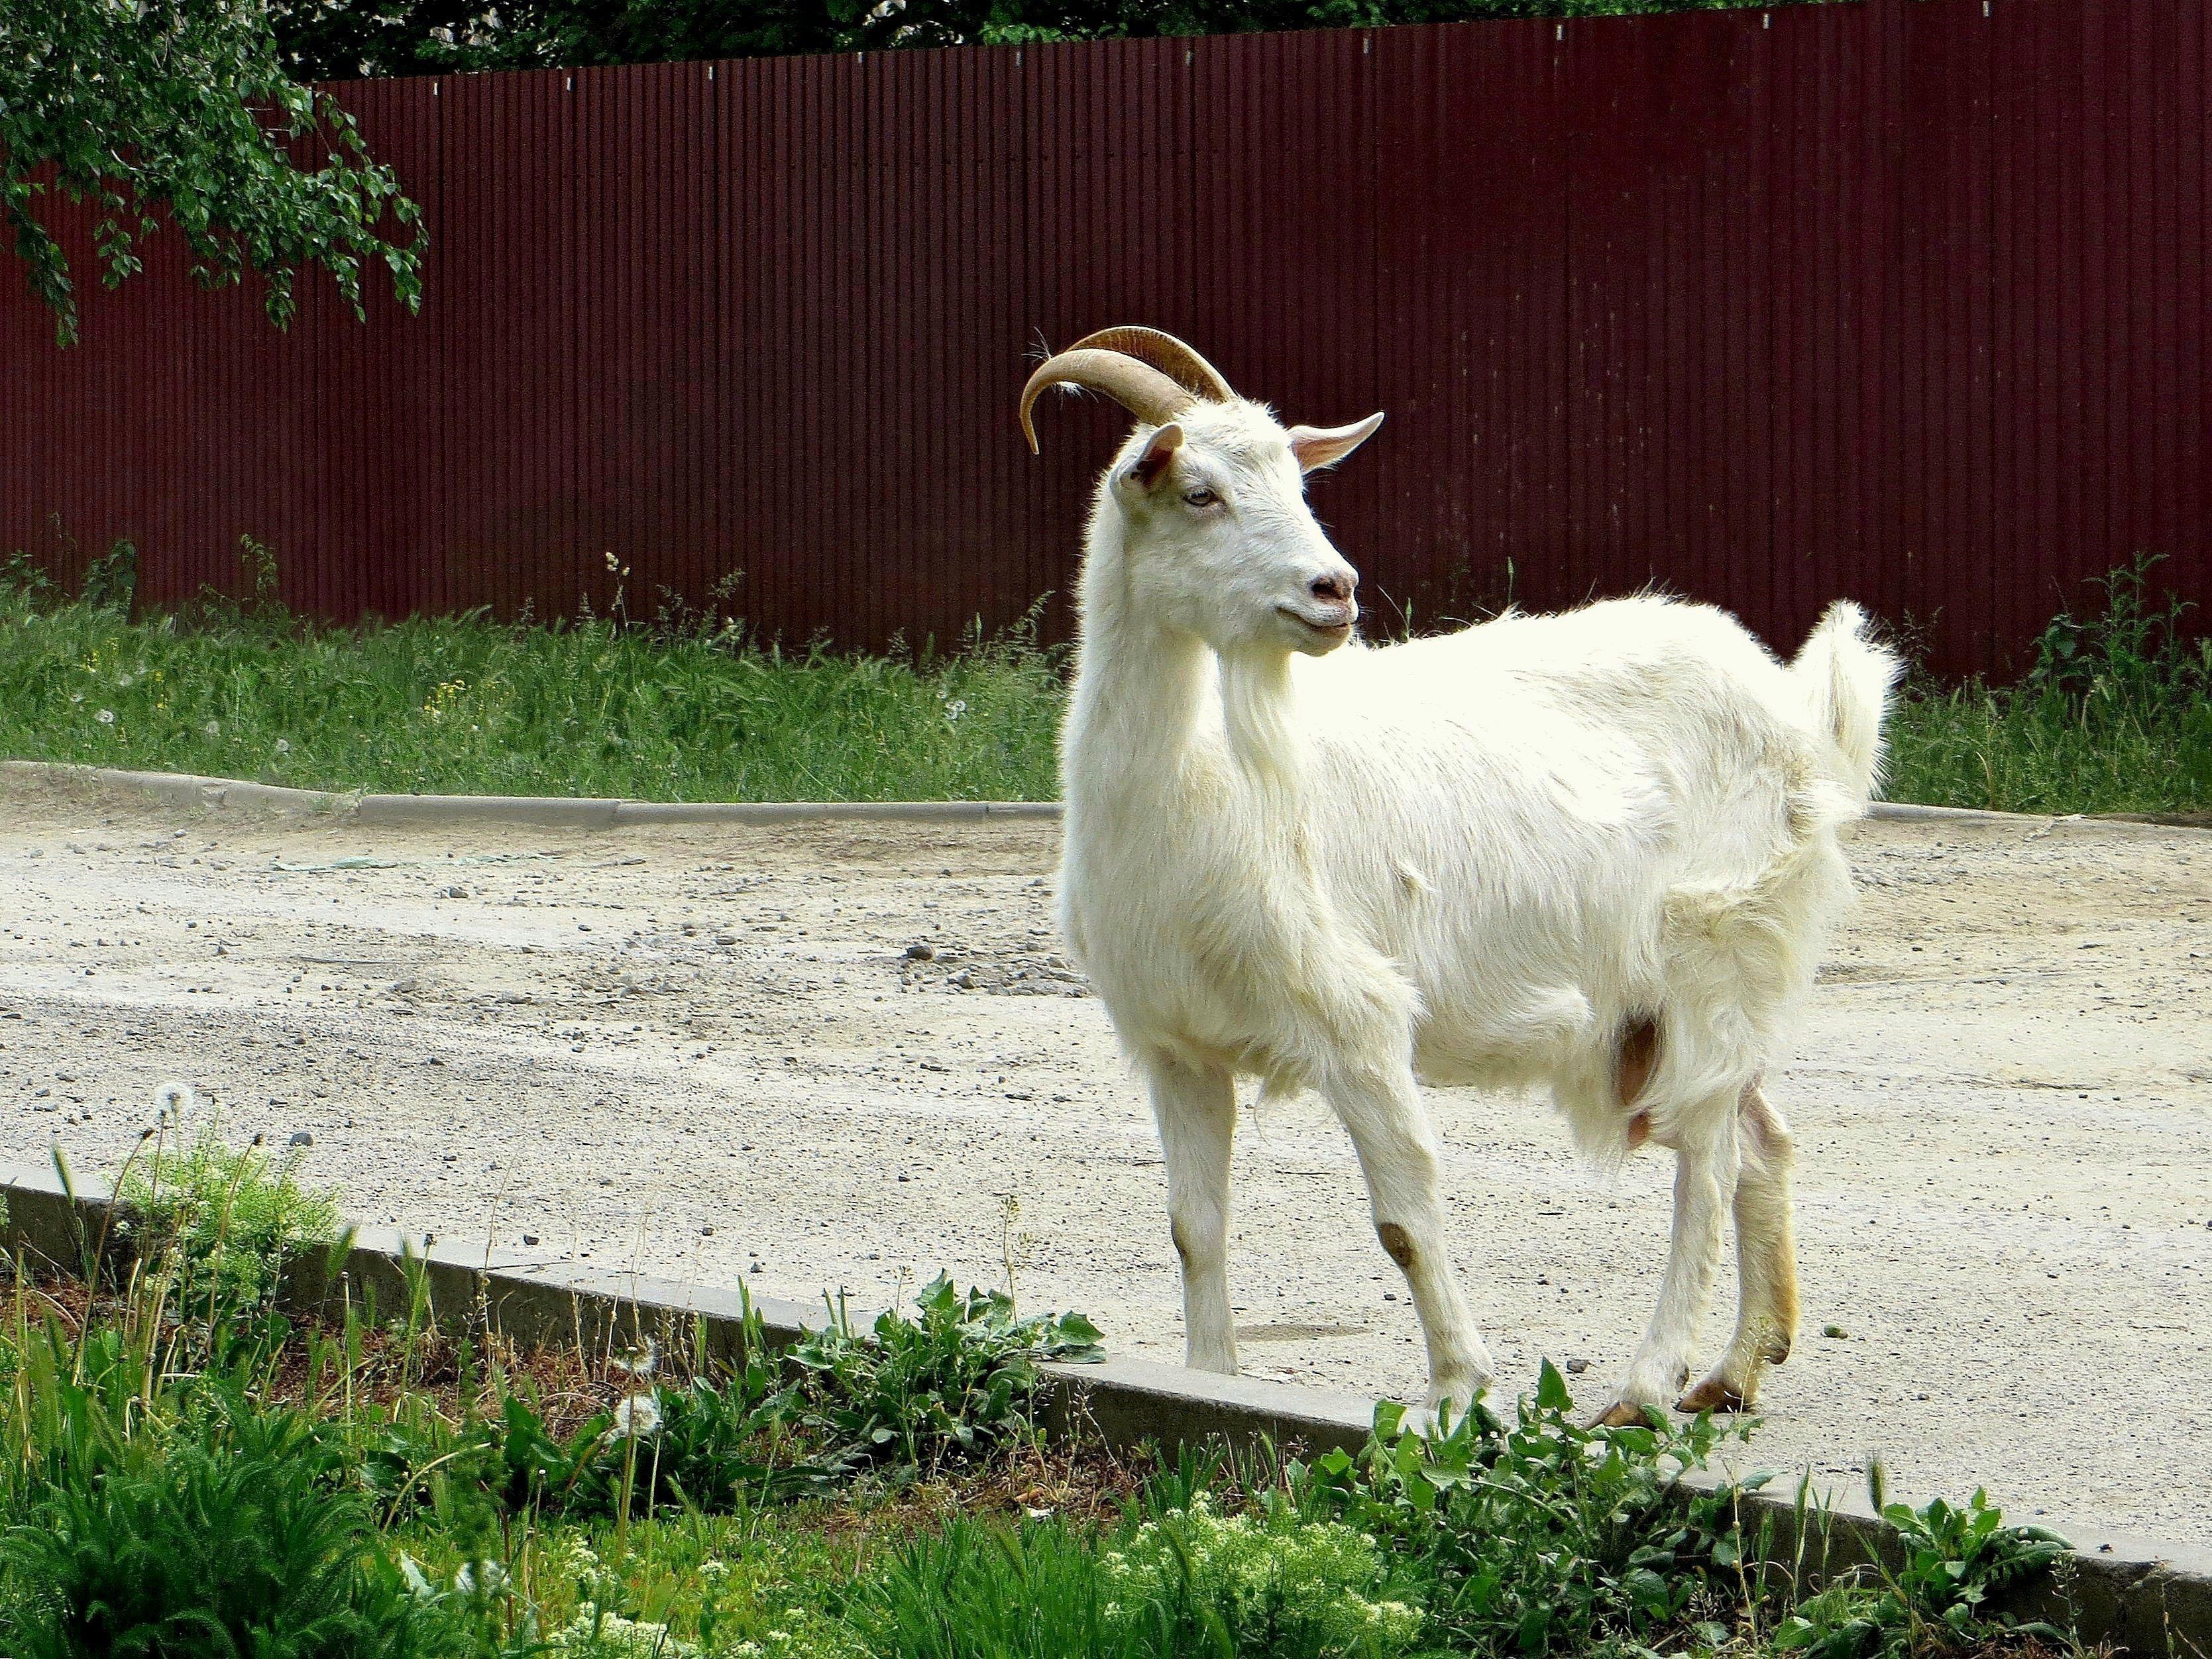 исполнитель картинки козы в полный рост часто называют уссурийским